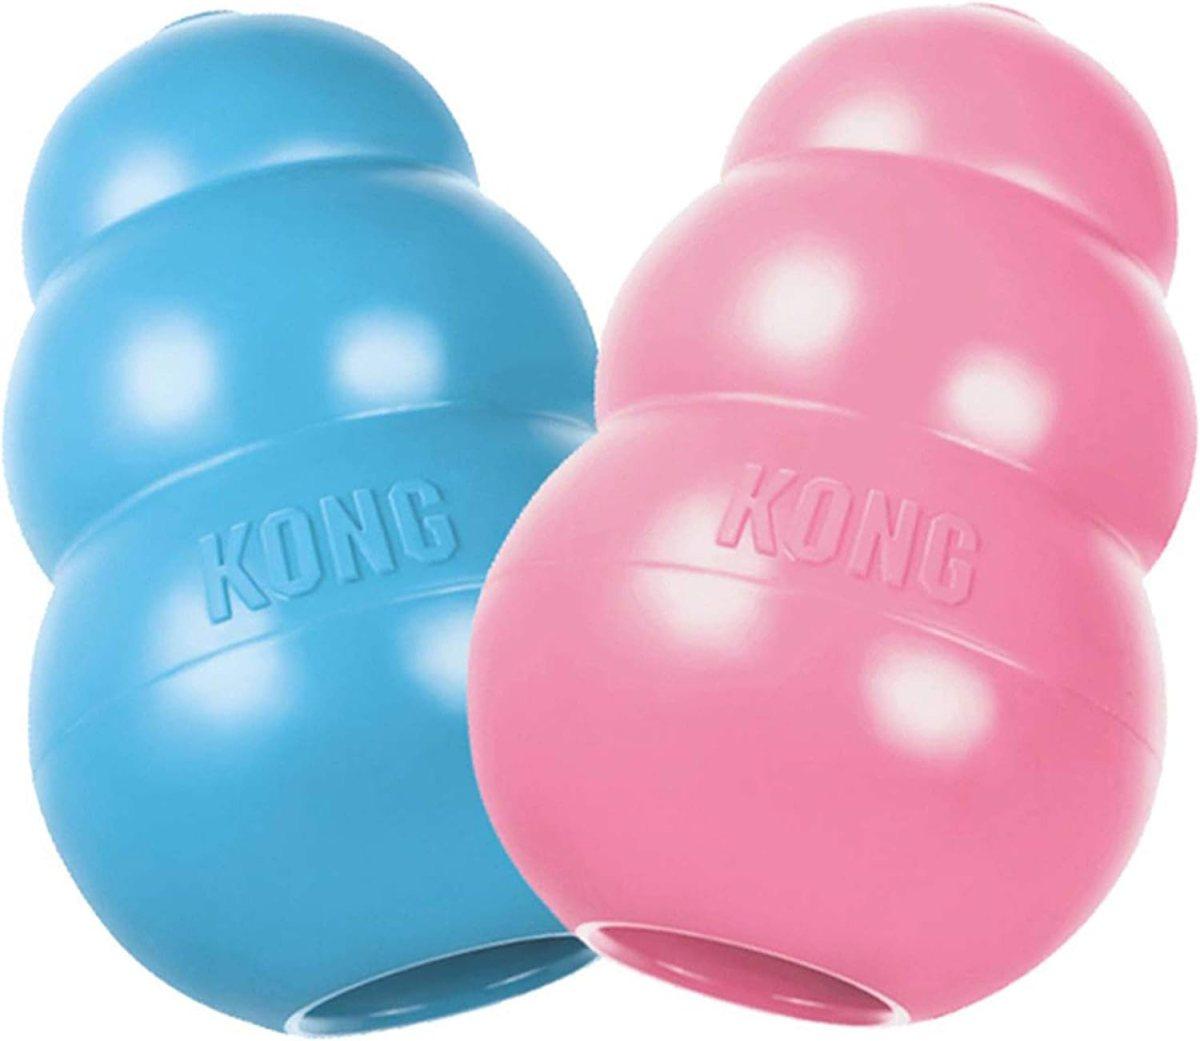 KONG - Puppy - Juguete de caucho natural para dentición - Para Cachorros Medios (colores pueden variar)